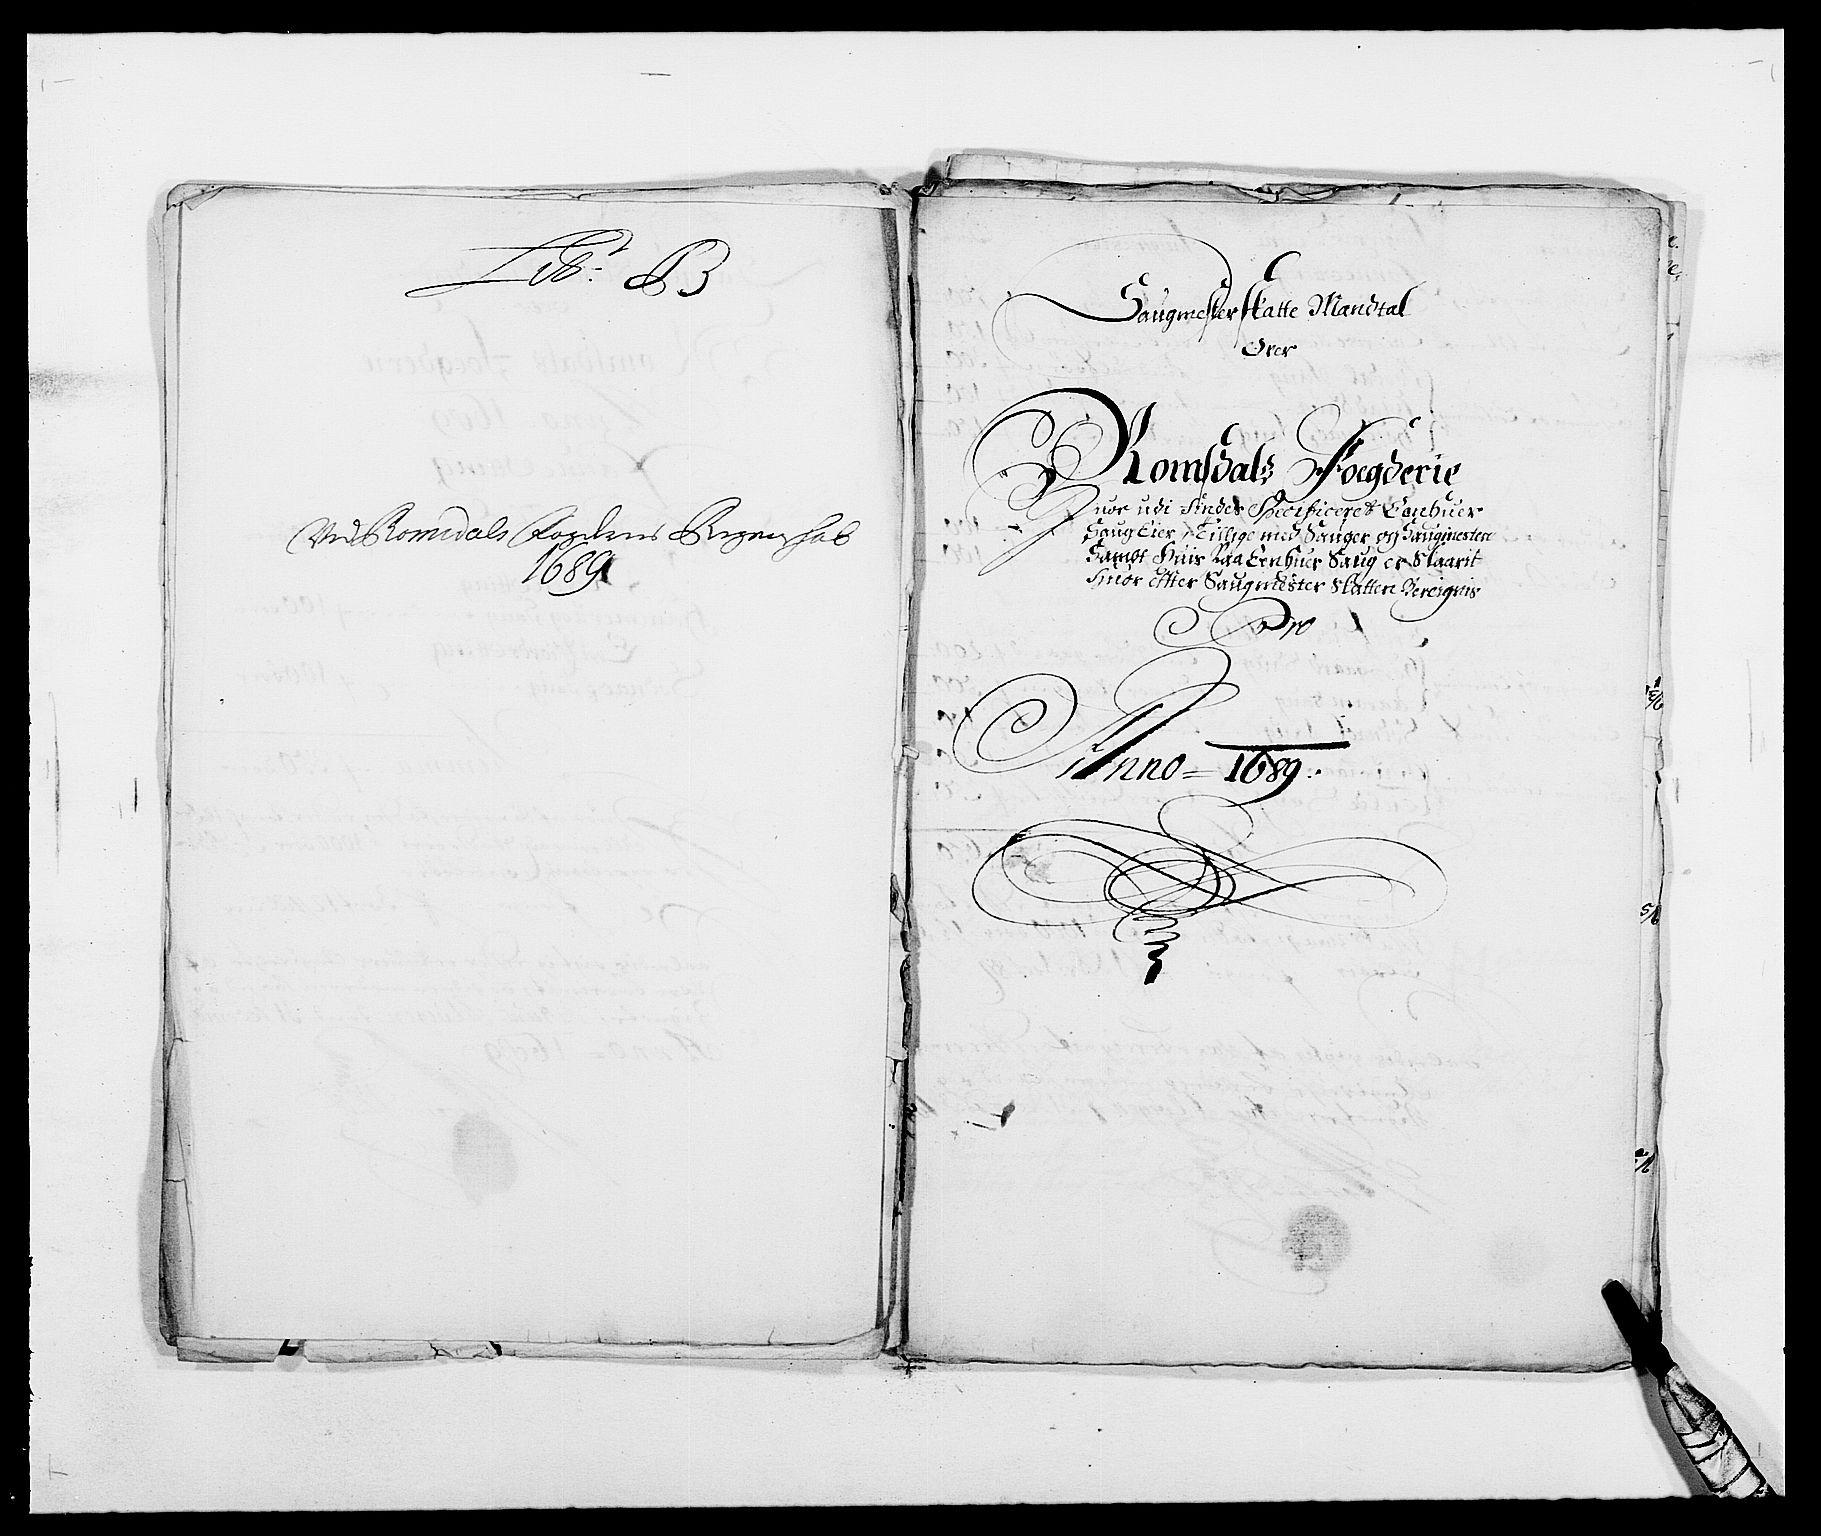 RA, Rentekammeret inntil 1814, Reviderte regnskaper, Fogderegnskap, R55/L3648: Fogderegnskap Romsdal, 1687-1689, s. 318